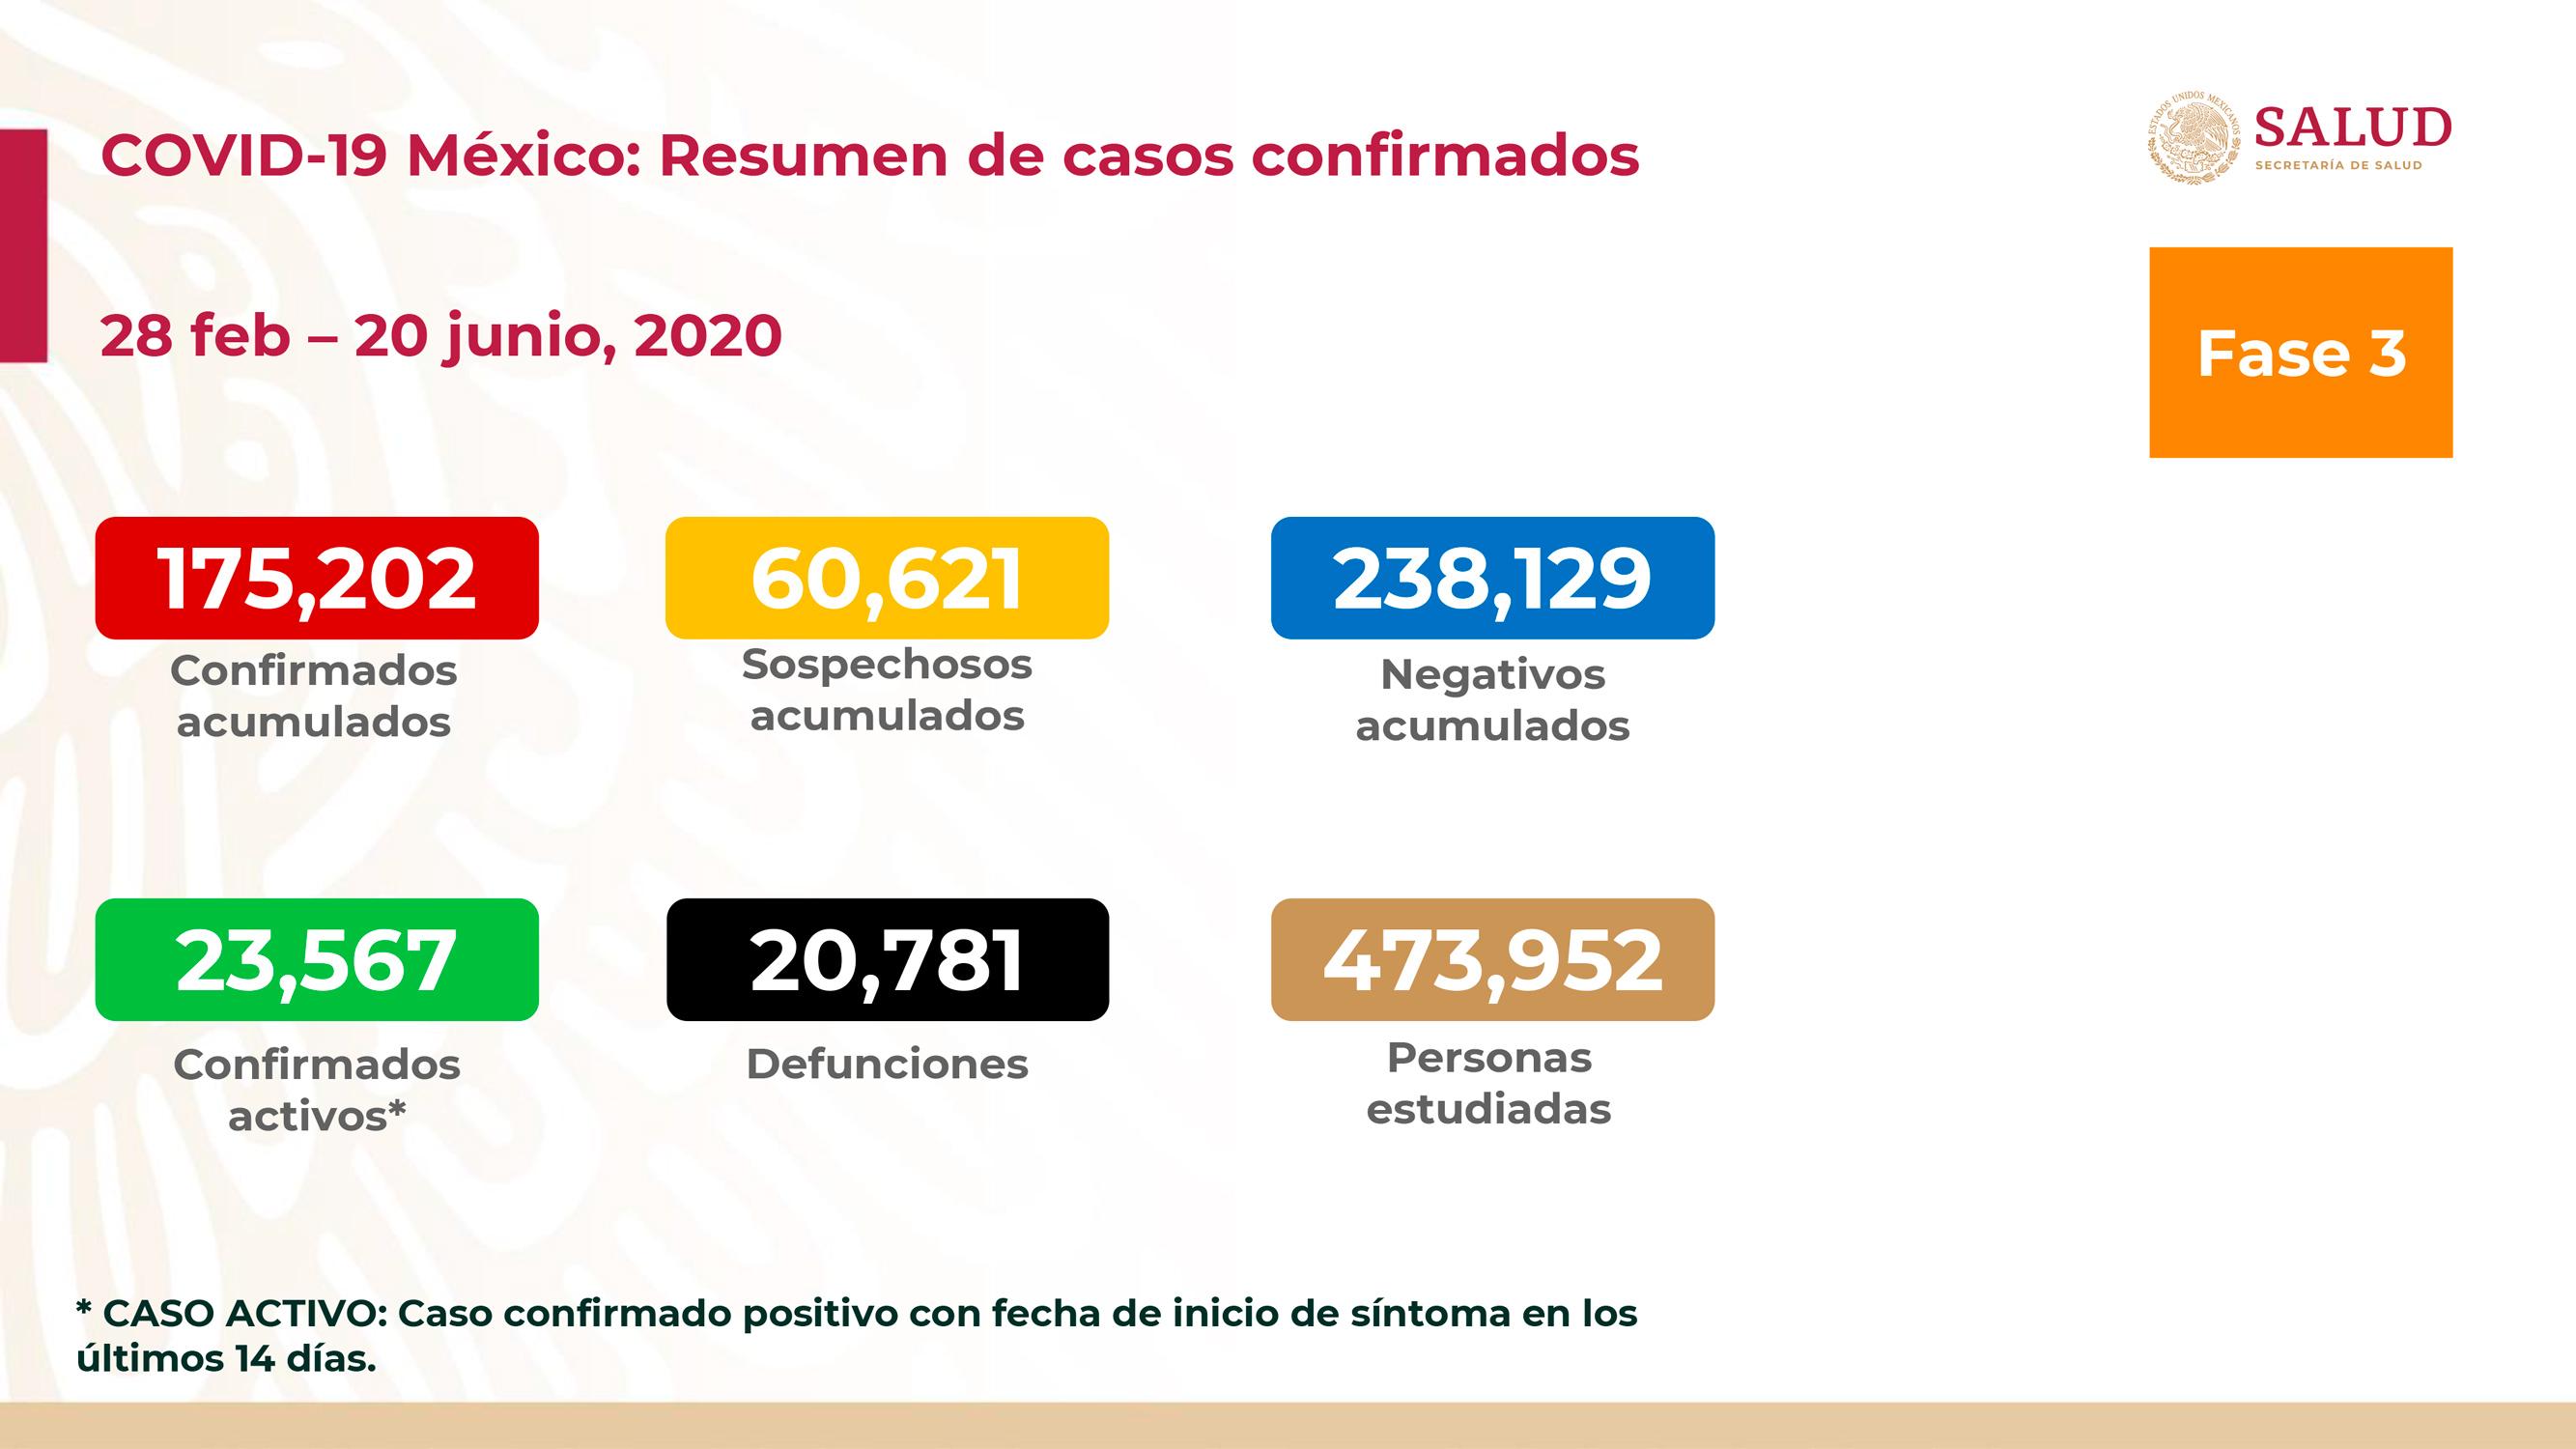 SUMAN 20 MIL 781 DEFUNCIONES POR COVID-19 EN MÉXICO